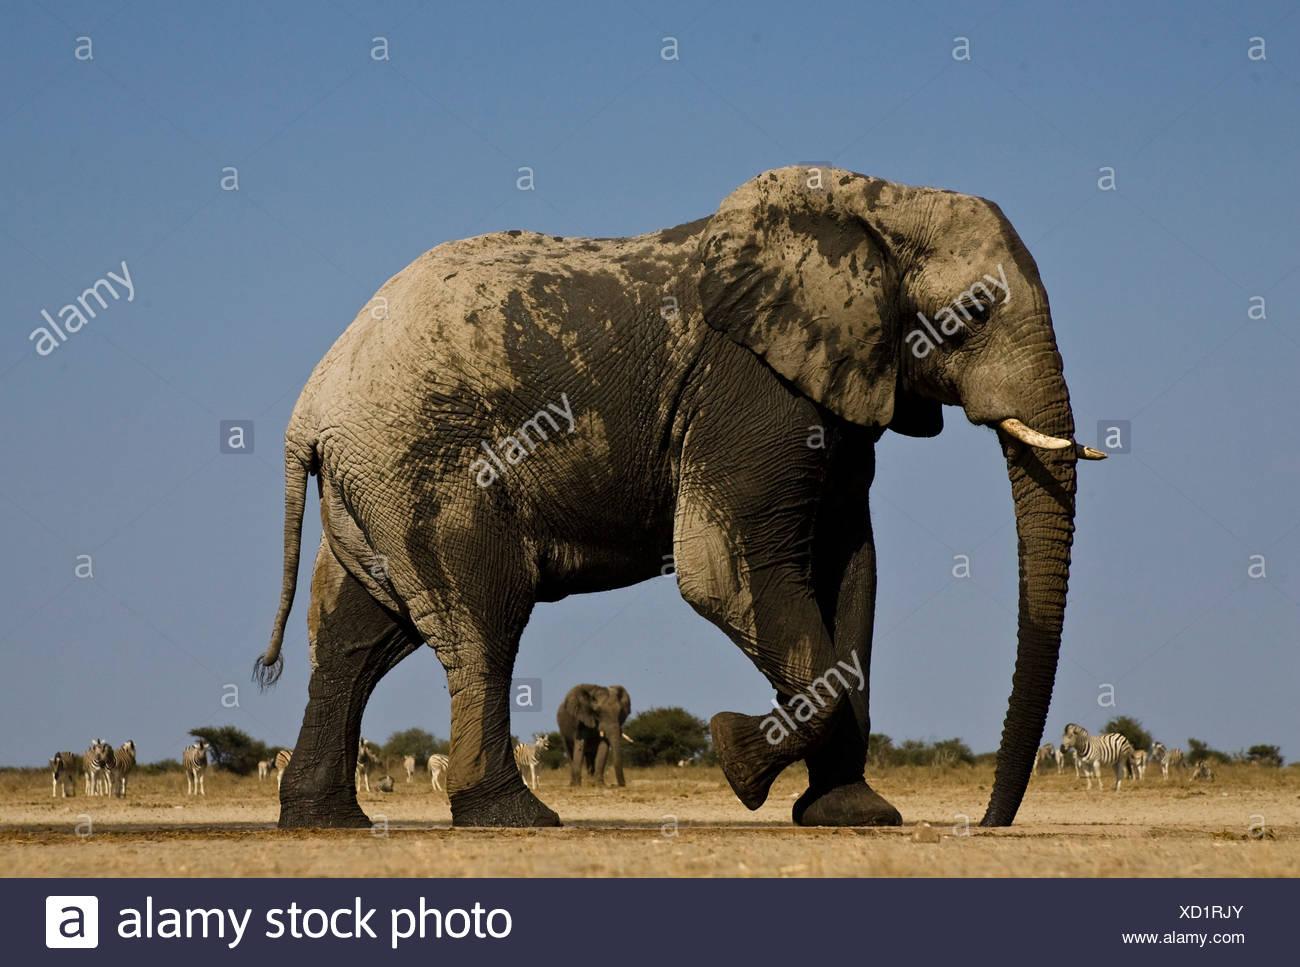 Elephant at Waterhole, Etosha National Park, Namibia - Stock Image